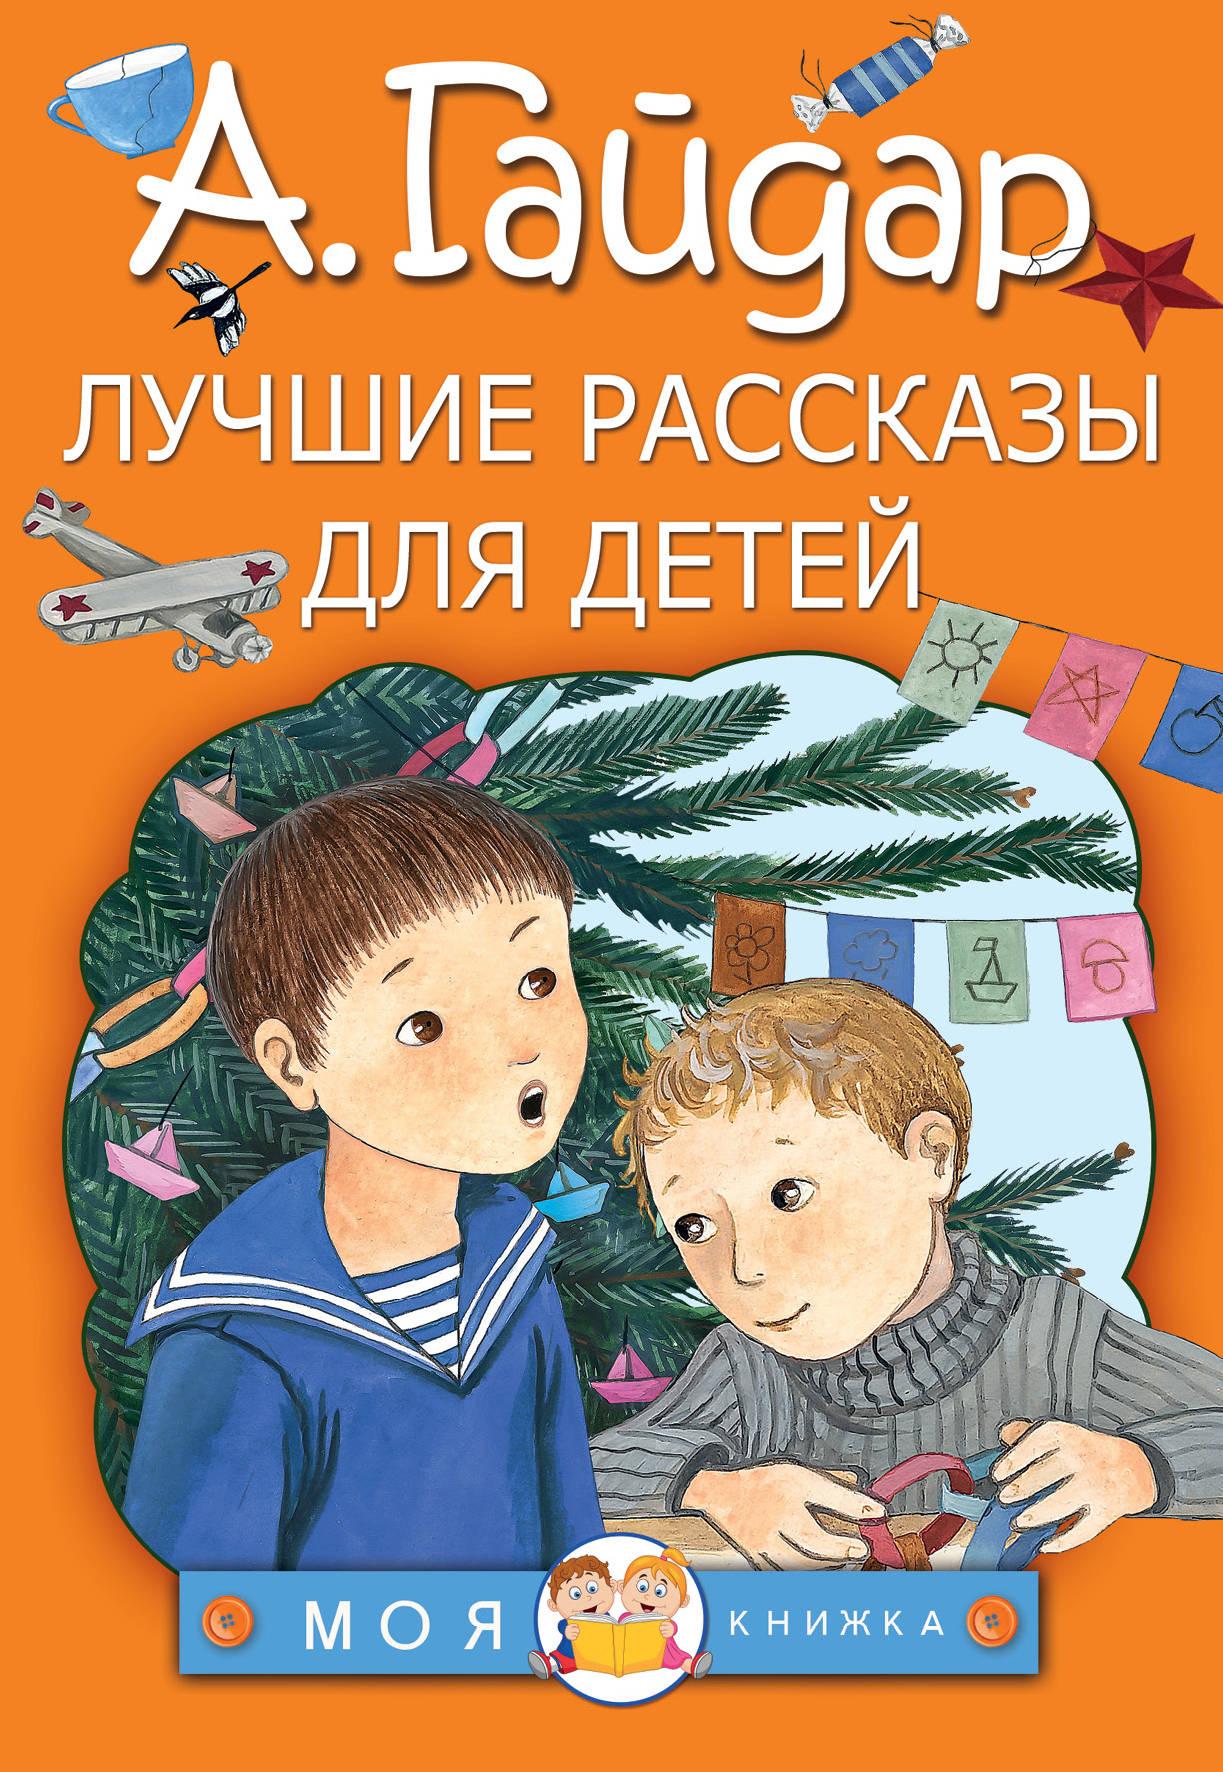 А. Гайдар Лучшие рассказы для детей аркадий гайдар наблюдатель